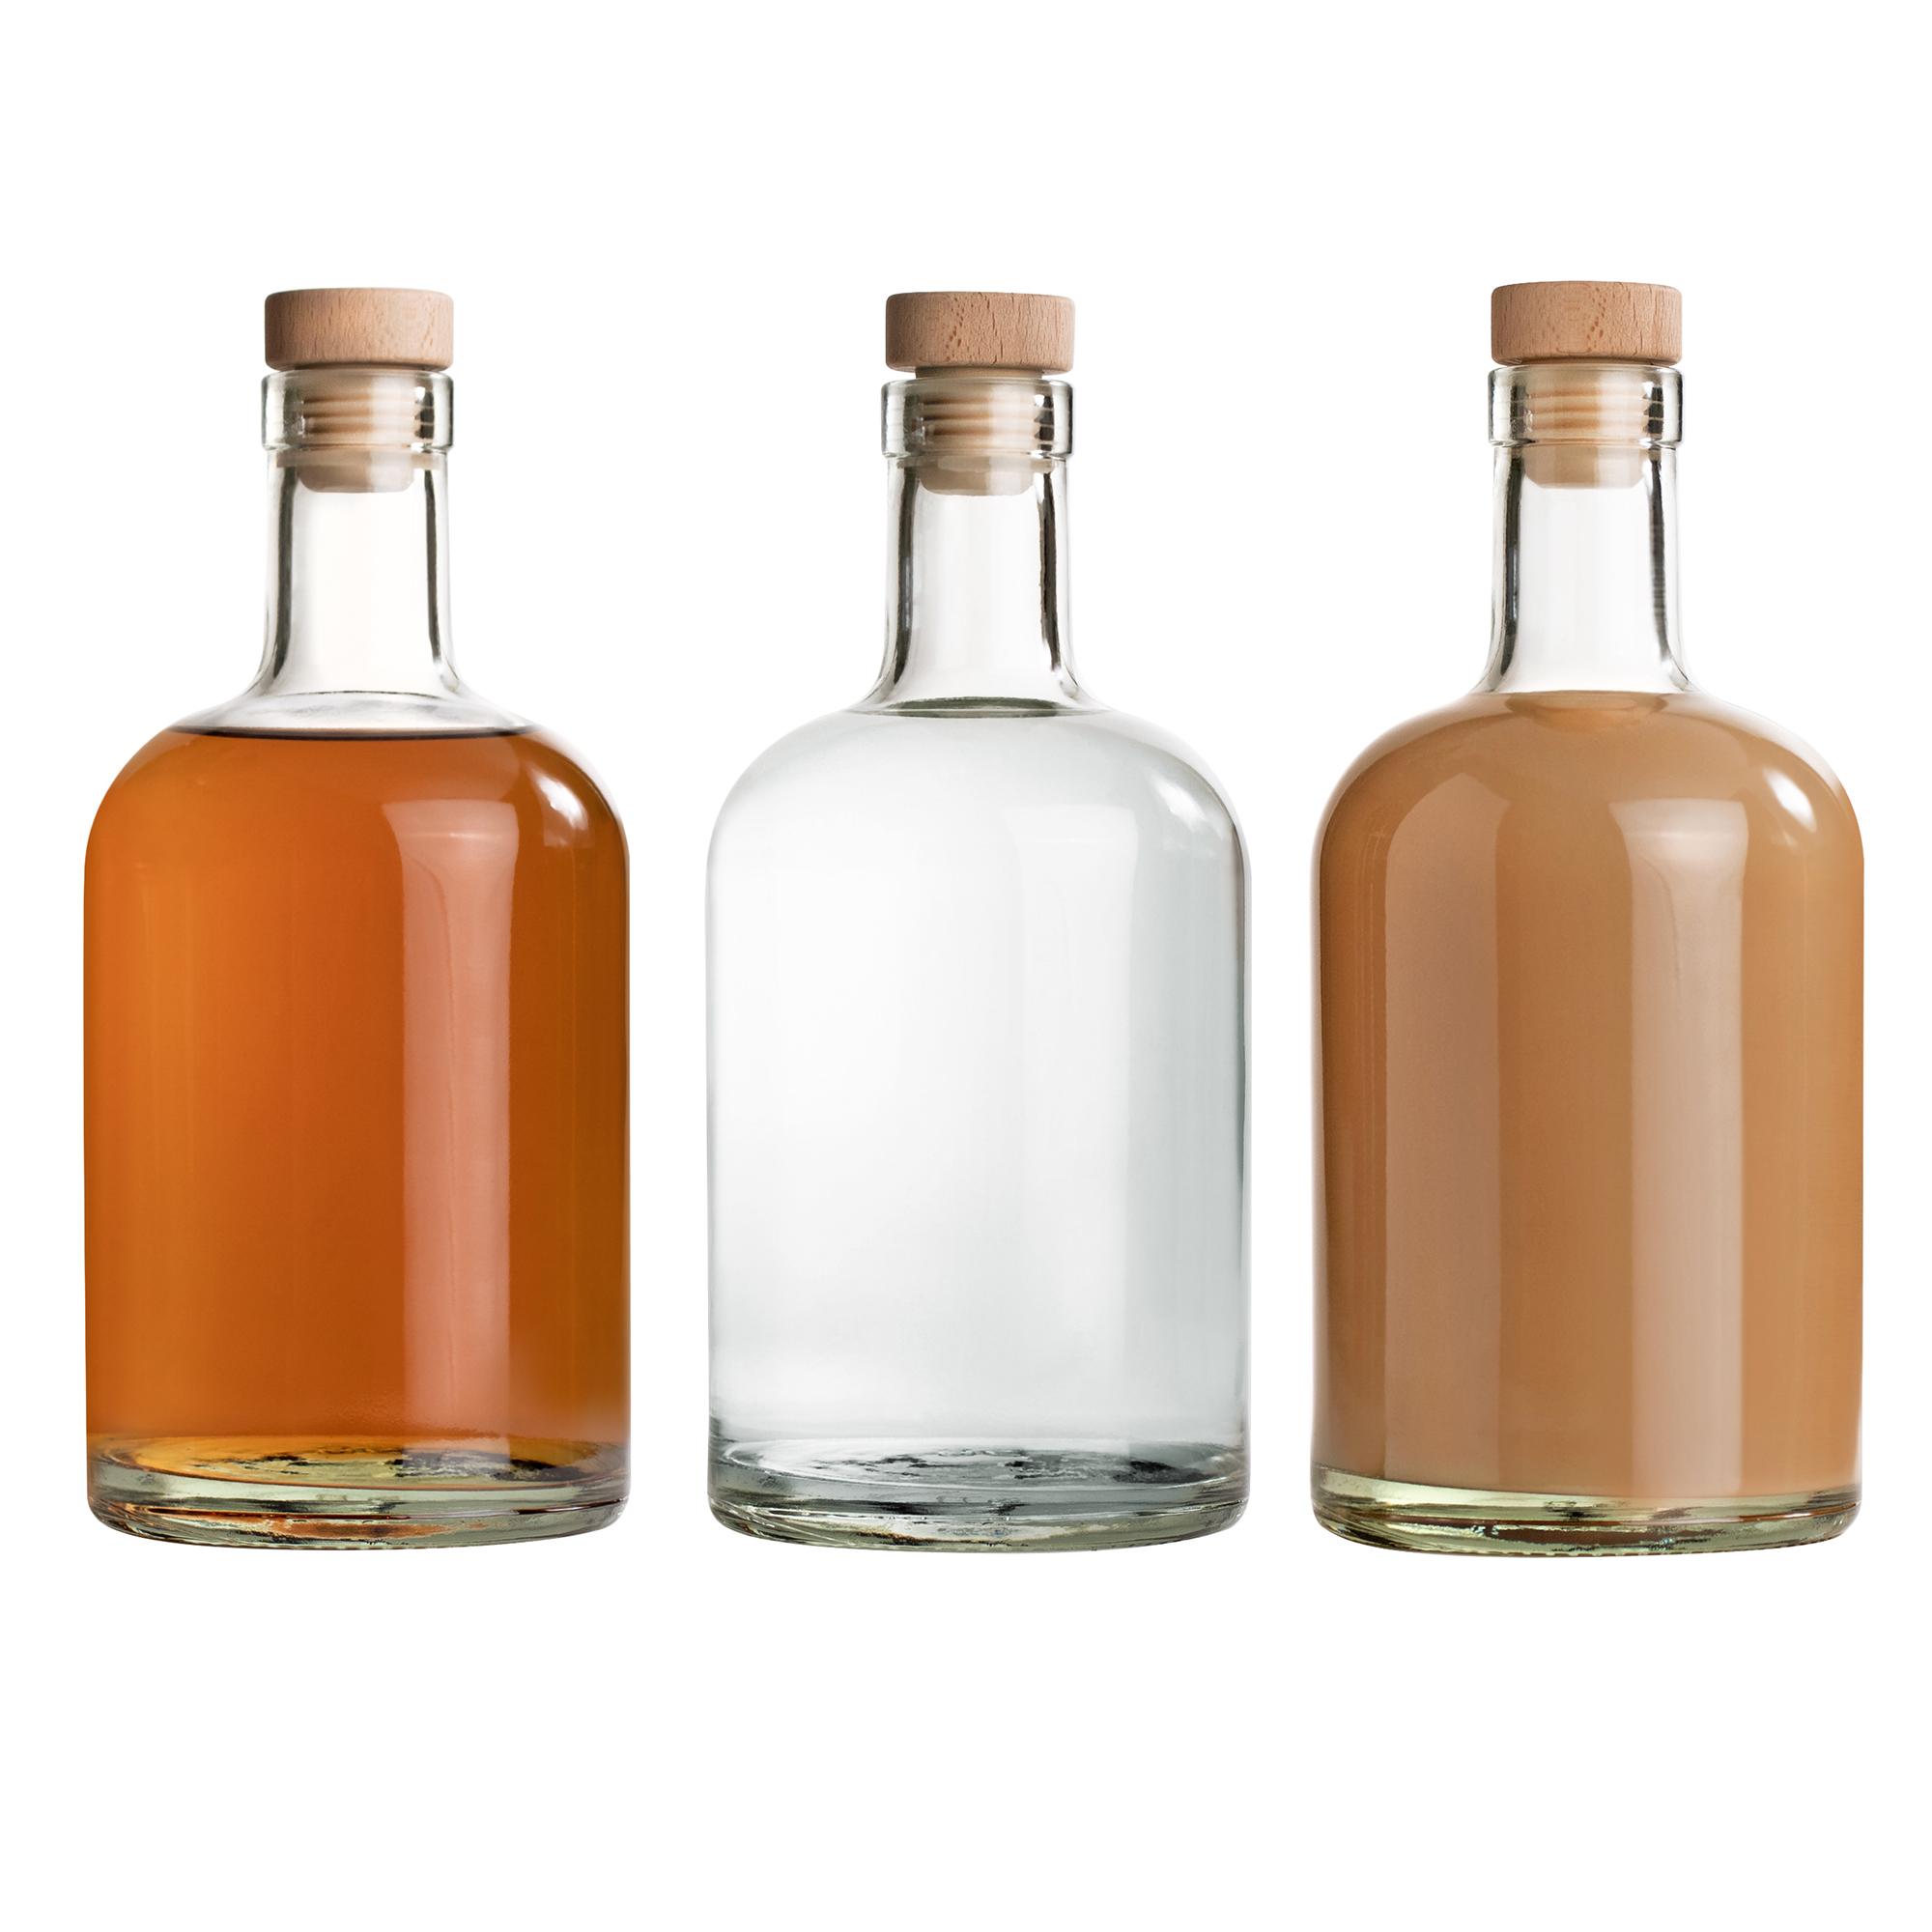 Whiskyset - Glaskaraffe und Whiskyglas - Kompass - Personalisiert